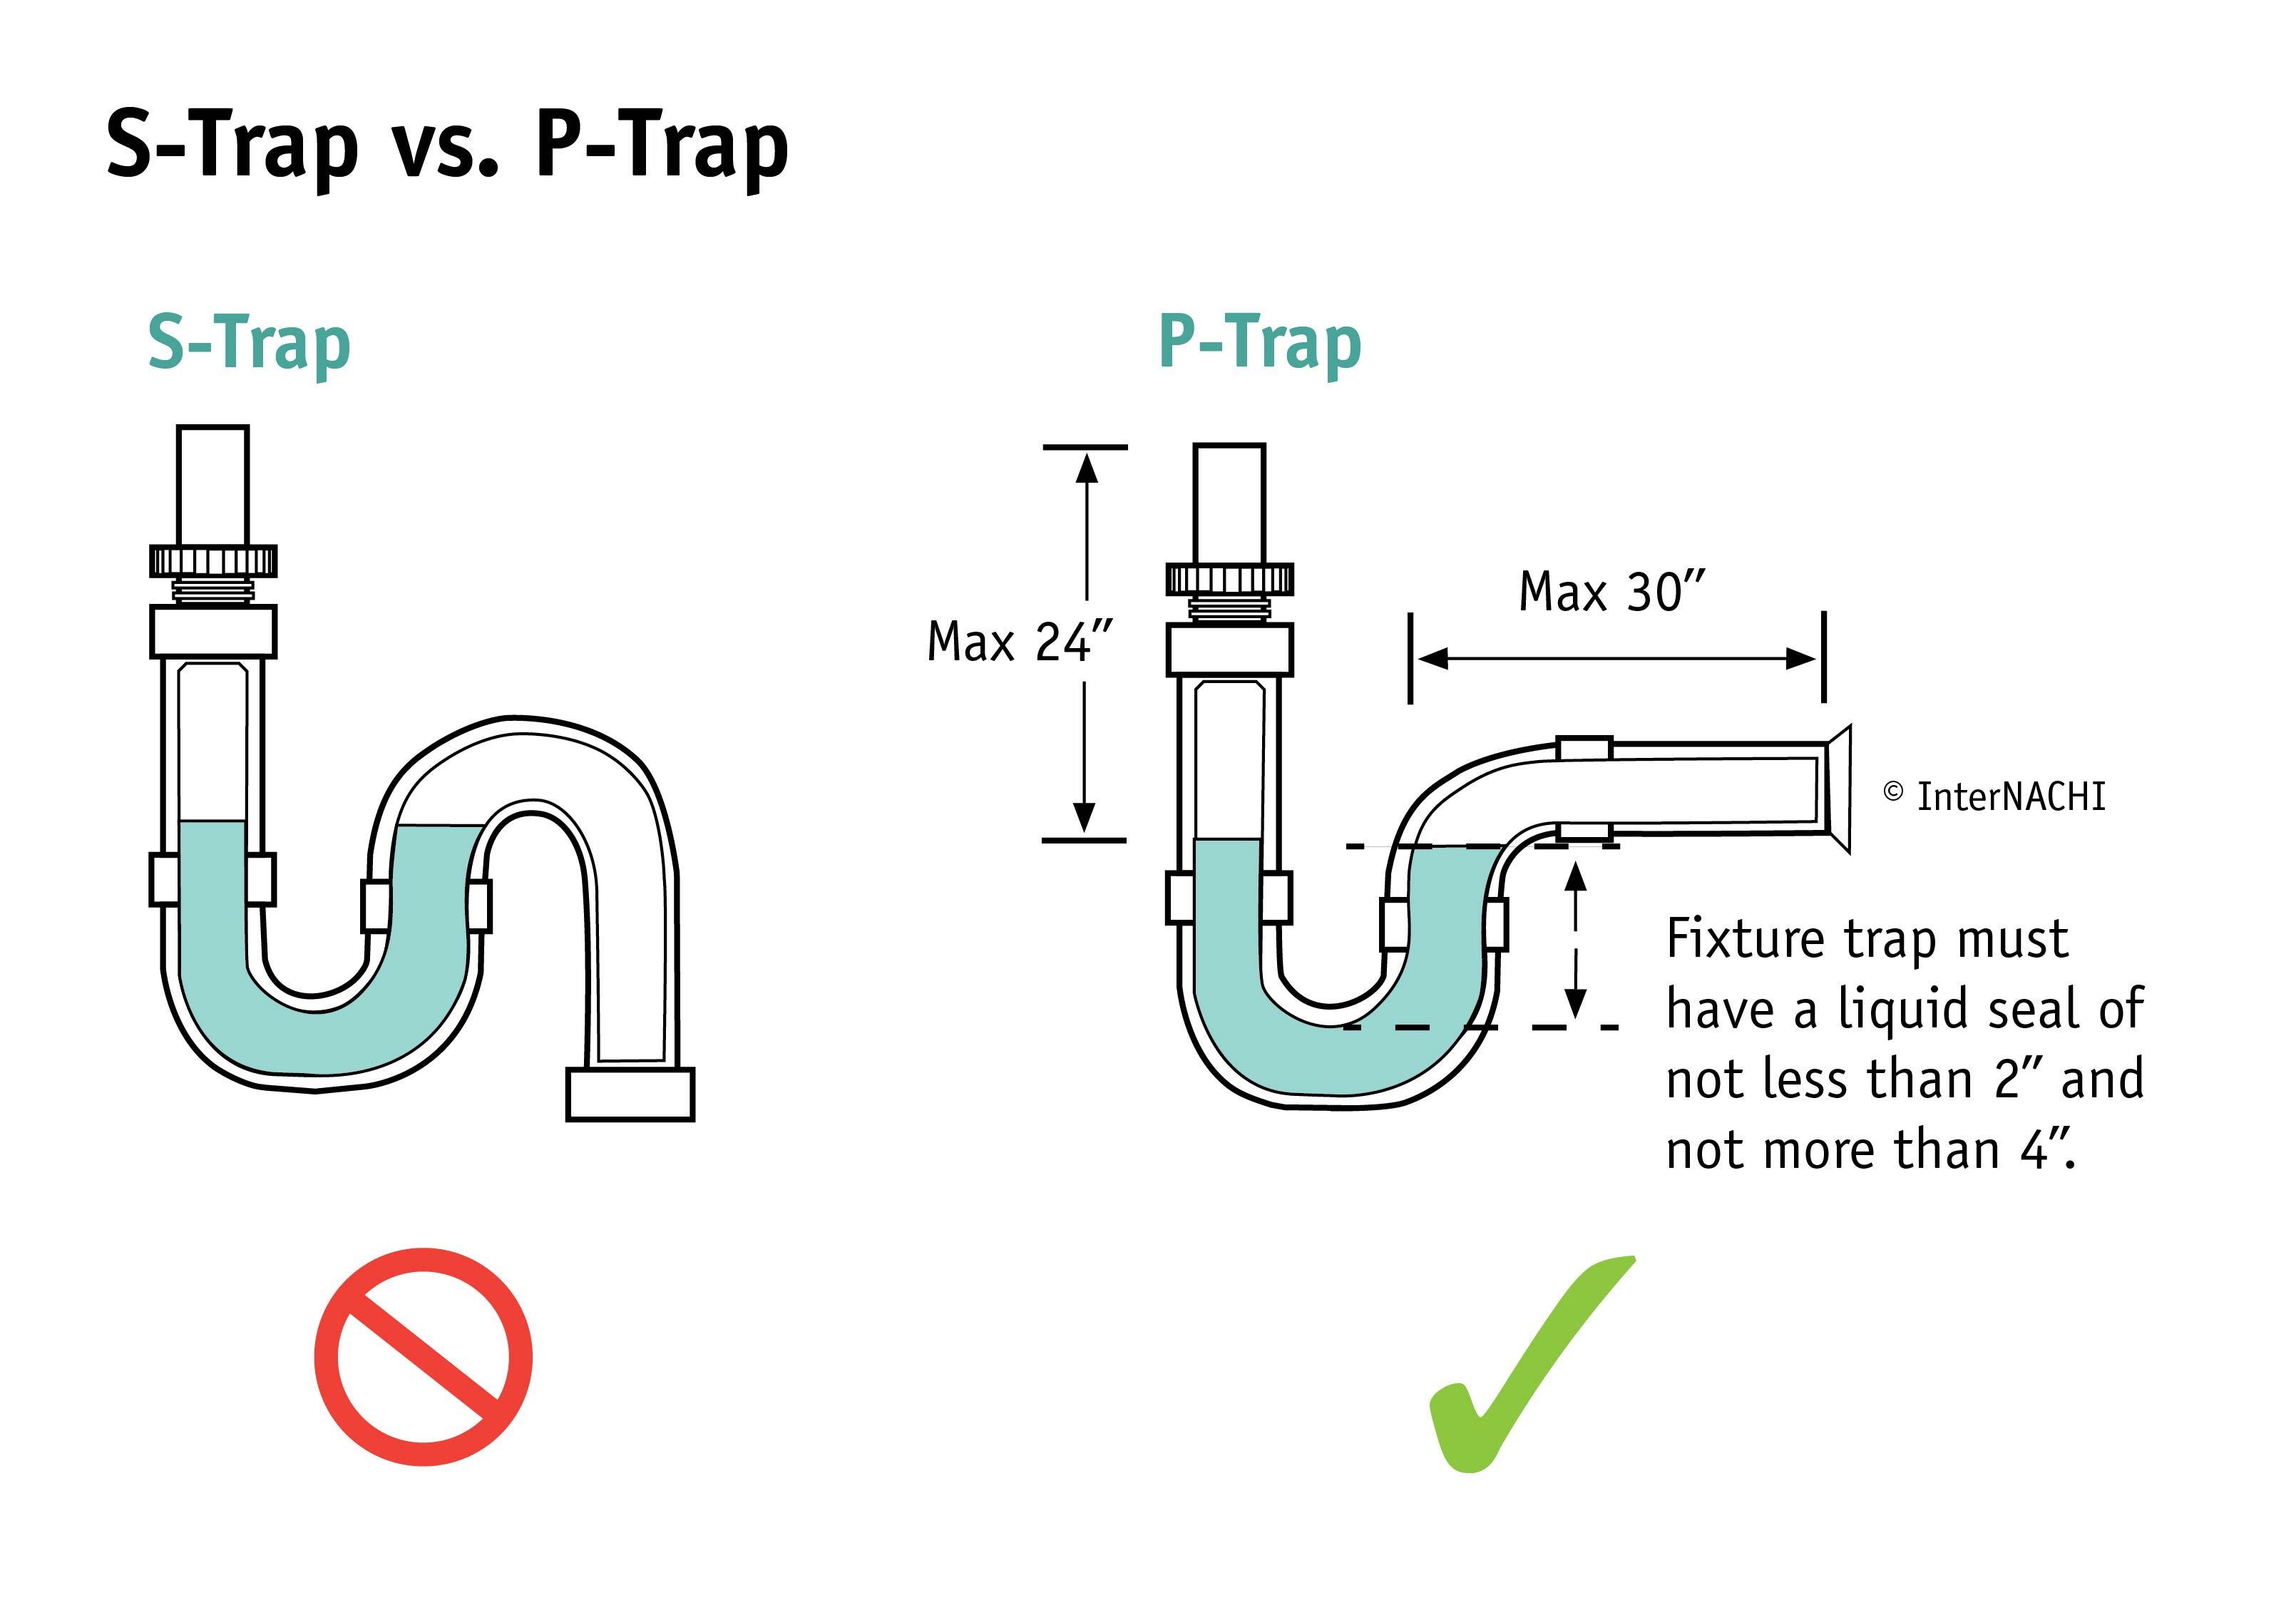 s-trap-vs-p-trap.jpg